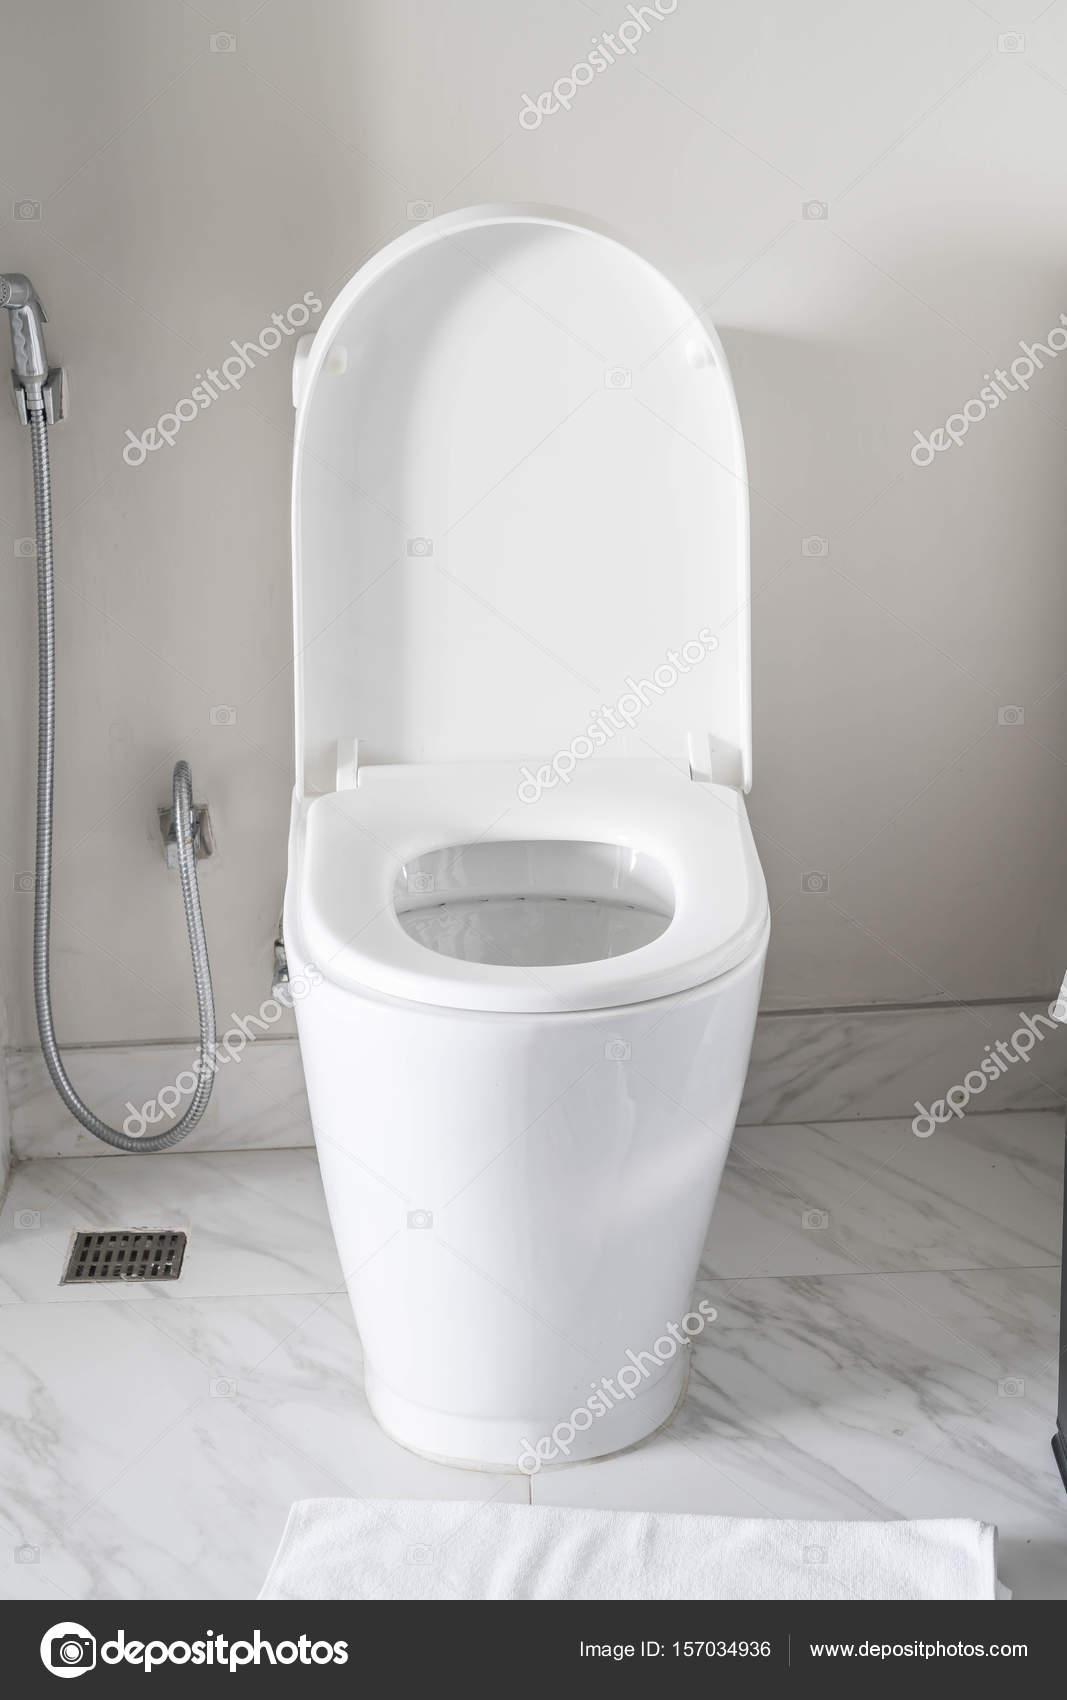 toilet stoel decoratie in badkamer interieur — Stockfoto © topntp ...